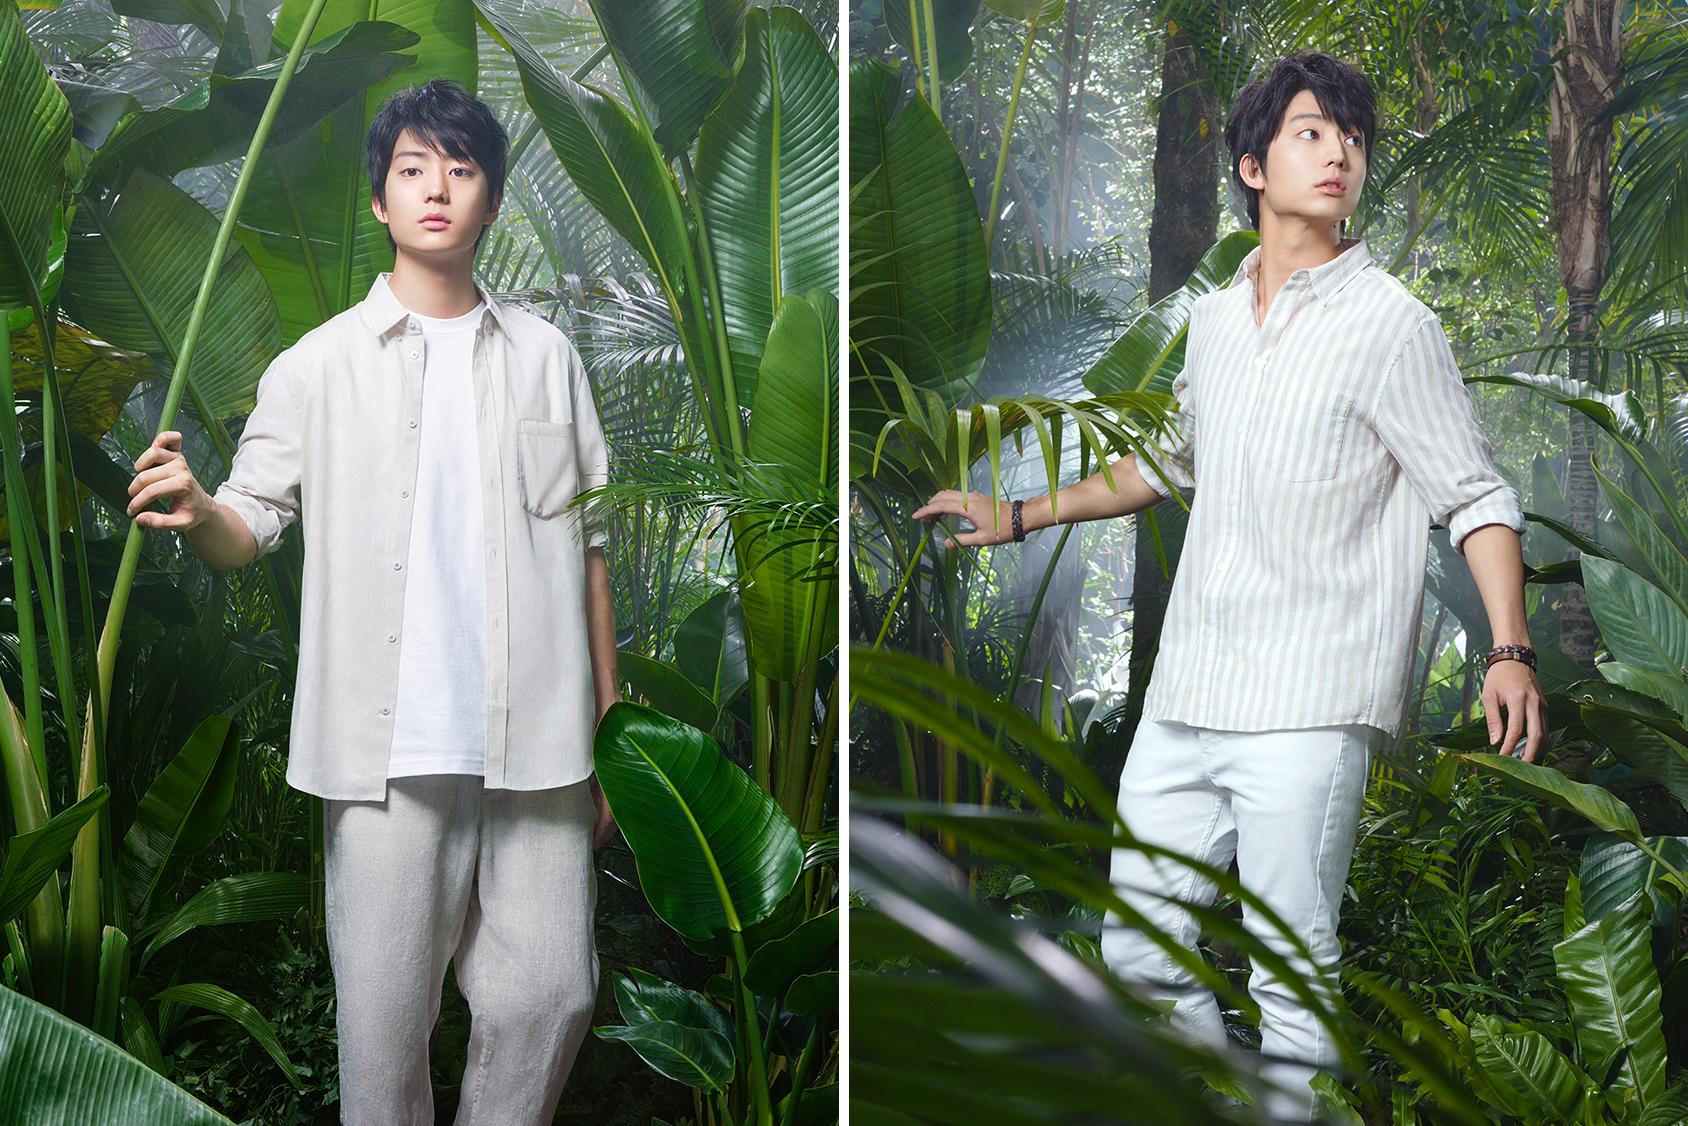 左:リネンシャツ:2,999円、Tシャツ:1,299円、パンツ:3,999円 右:ストライプシャツ:1,299円、パンツ:2,499円、ブレスレット(ブラウン):999円、ブレスレット(ブルー):999円